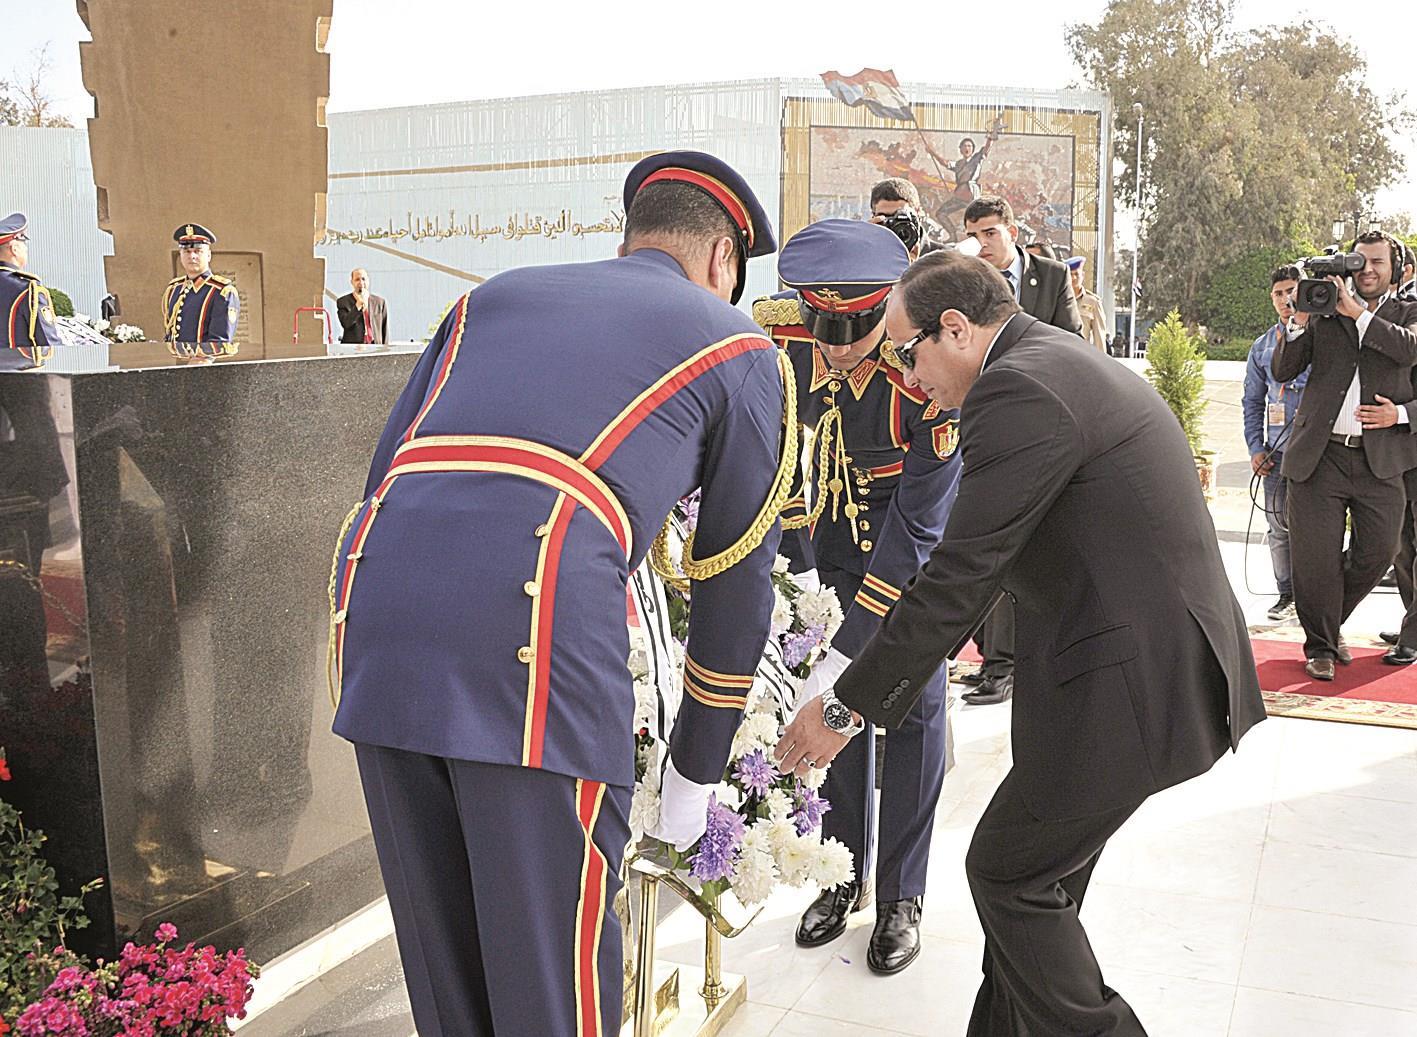 السيسي يضع اكليلا من الزهور على قبر الجندي المجهول في ذكرى نصر أكتوبر